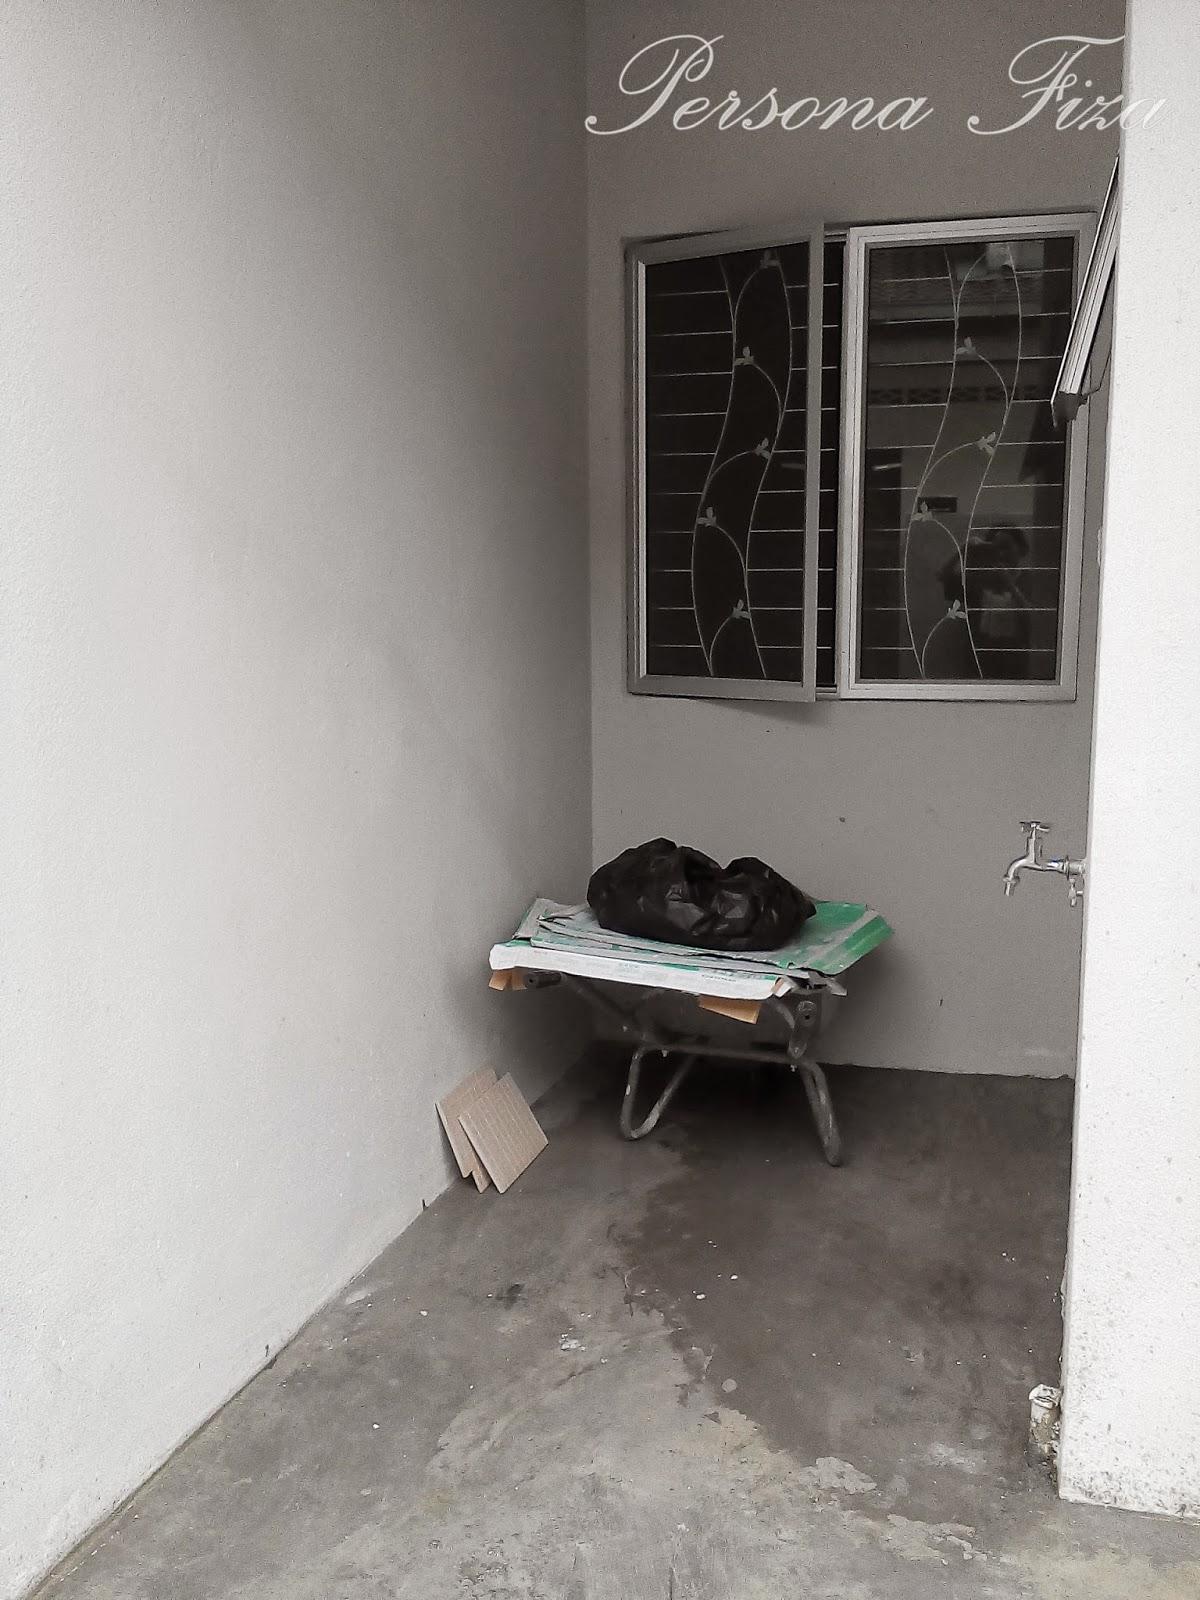 persona fiza extend dapur lantai tembok grill